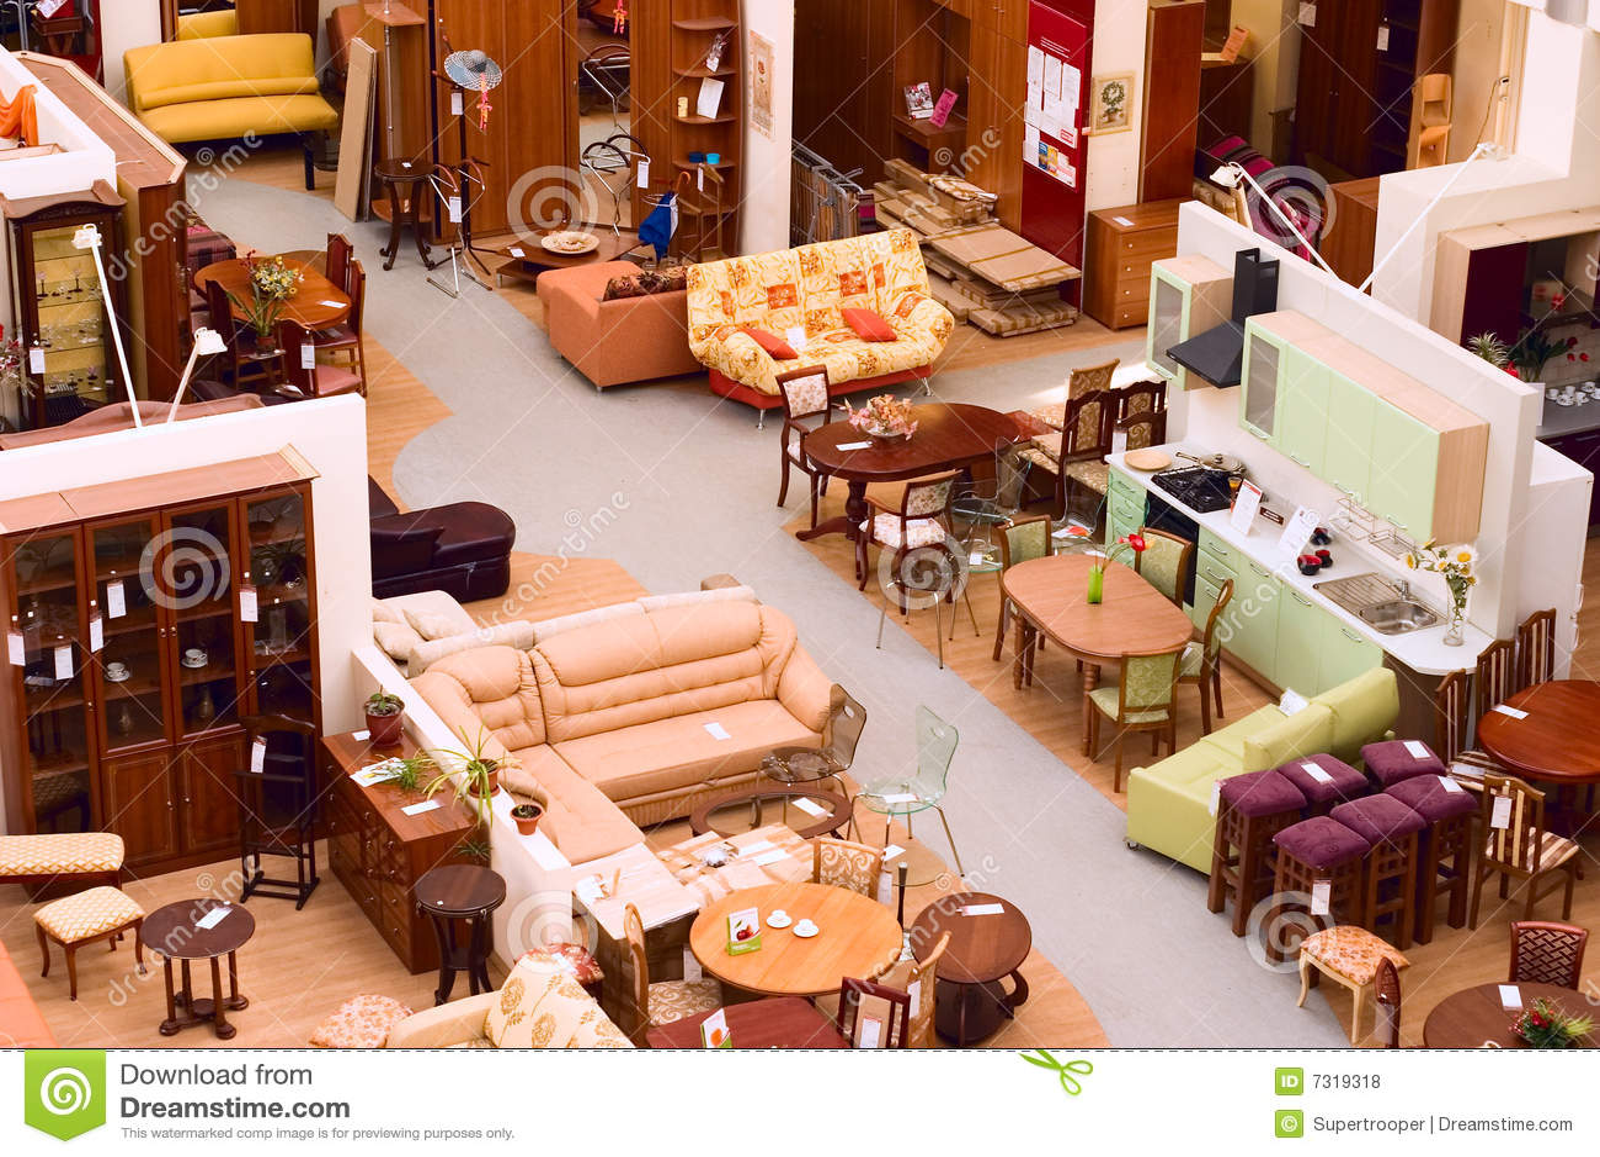 magasin de meubles photo stock image du pi ce int rieur. Black Bedroom Furniture Sets. Home Design Ideas